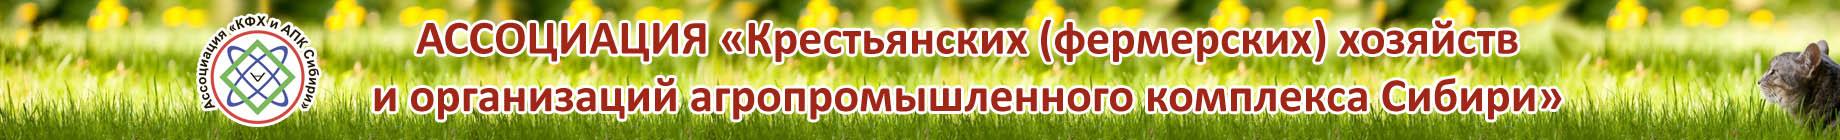 Ассоциация КФХ и АПК Сибири